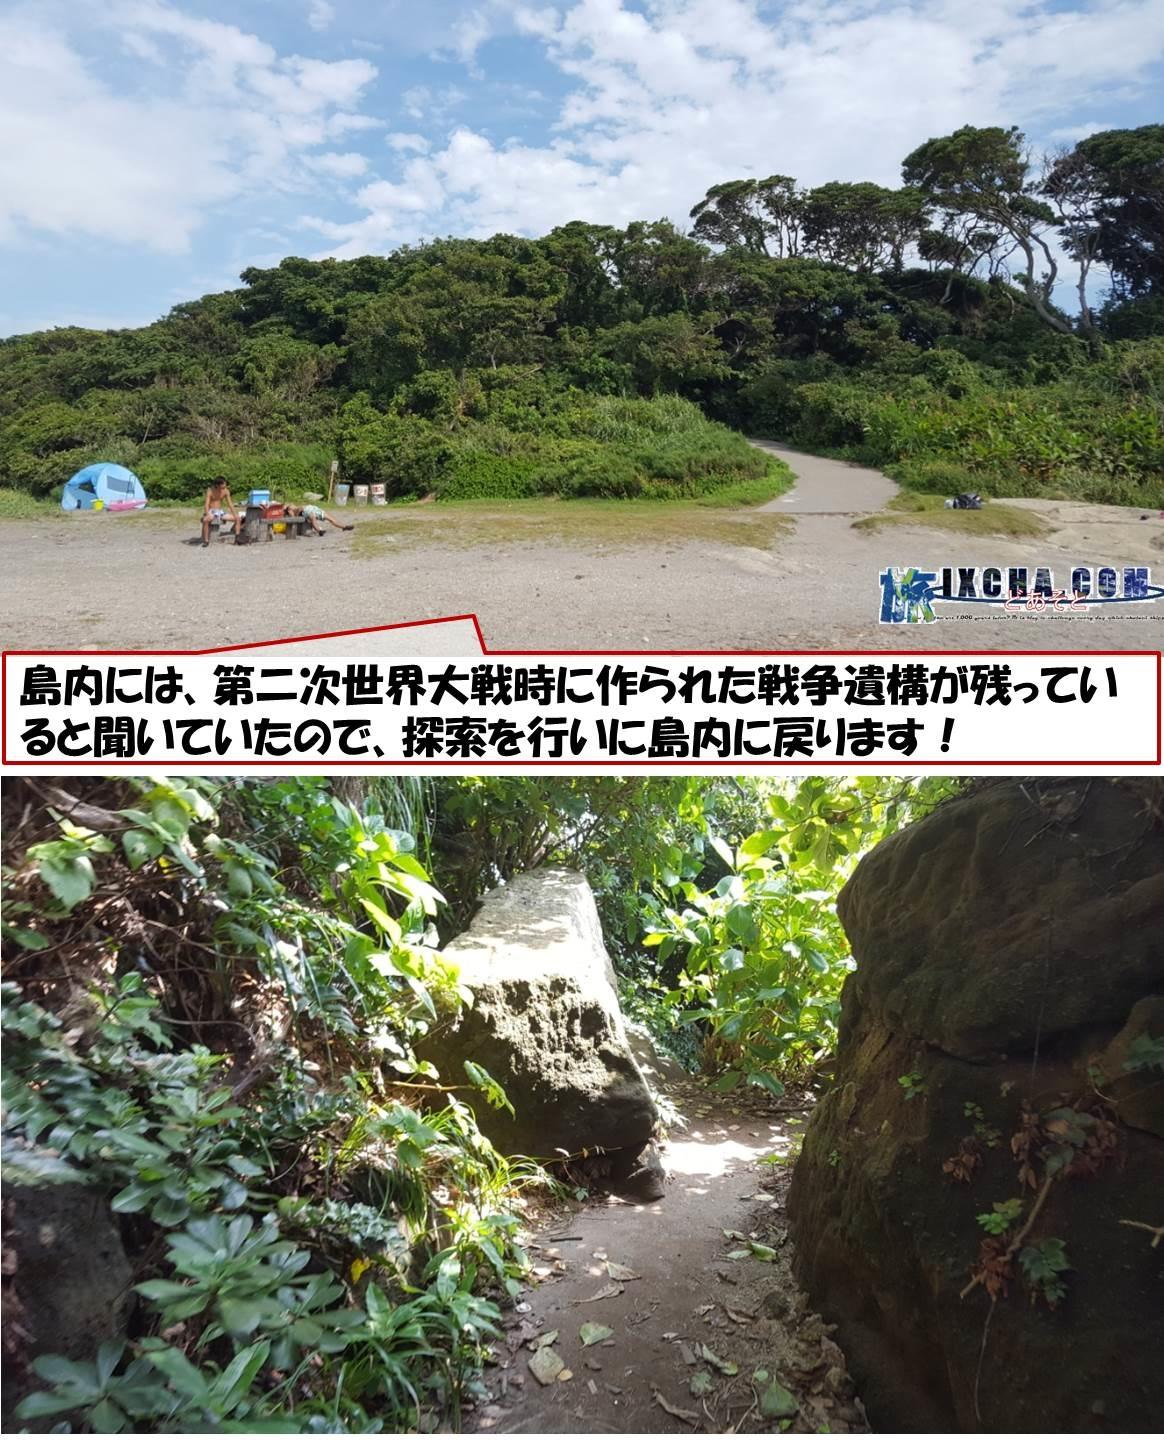 島内には、第二次世界大戦時に作られた戦争遺構が残っていると聞いていたので、探索を行いに島内に戻ります!